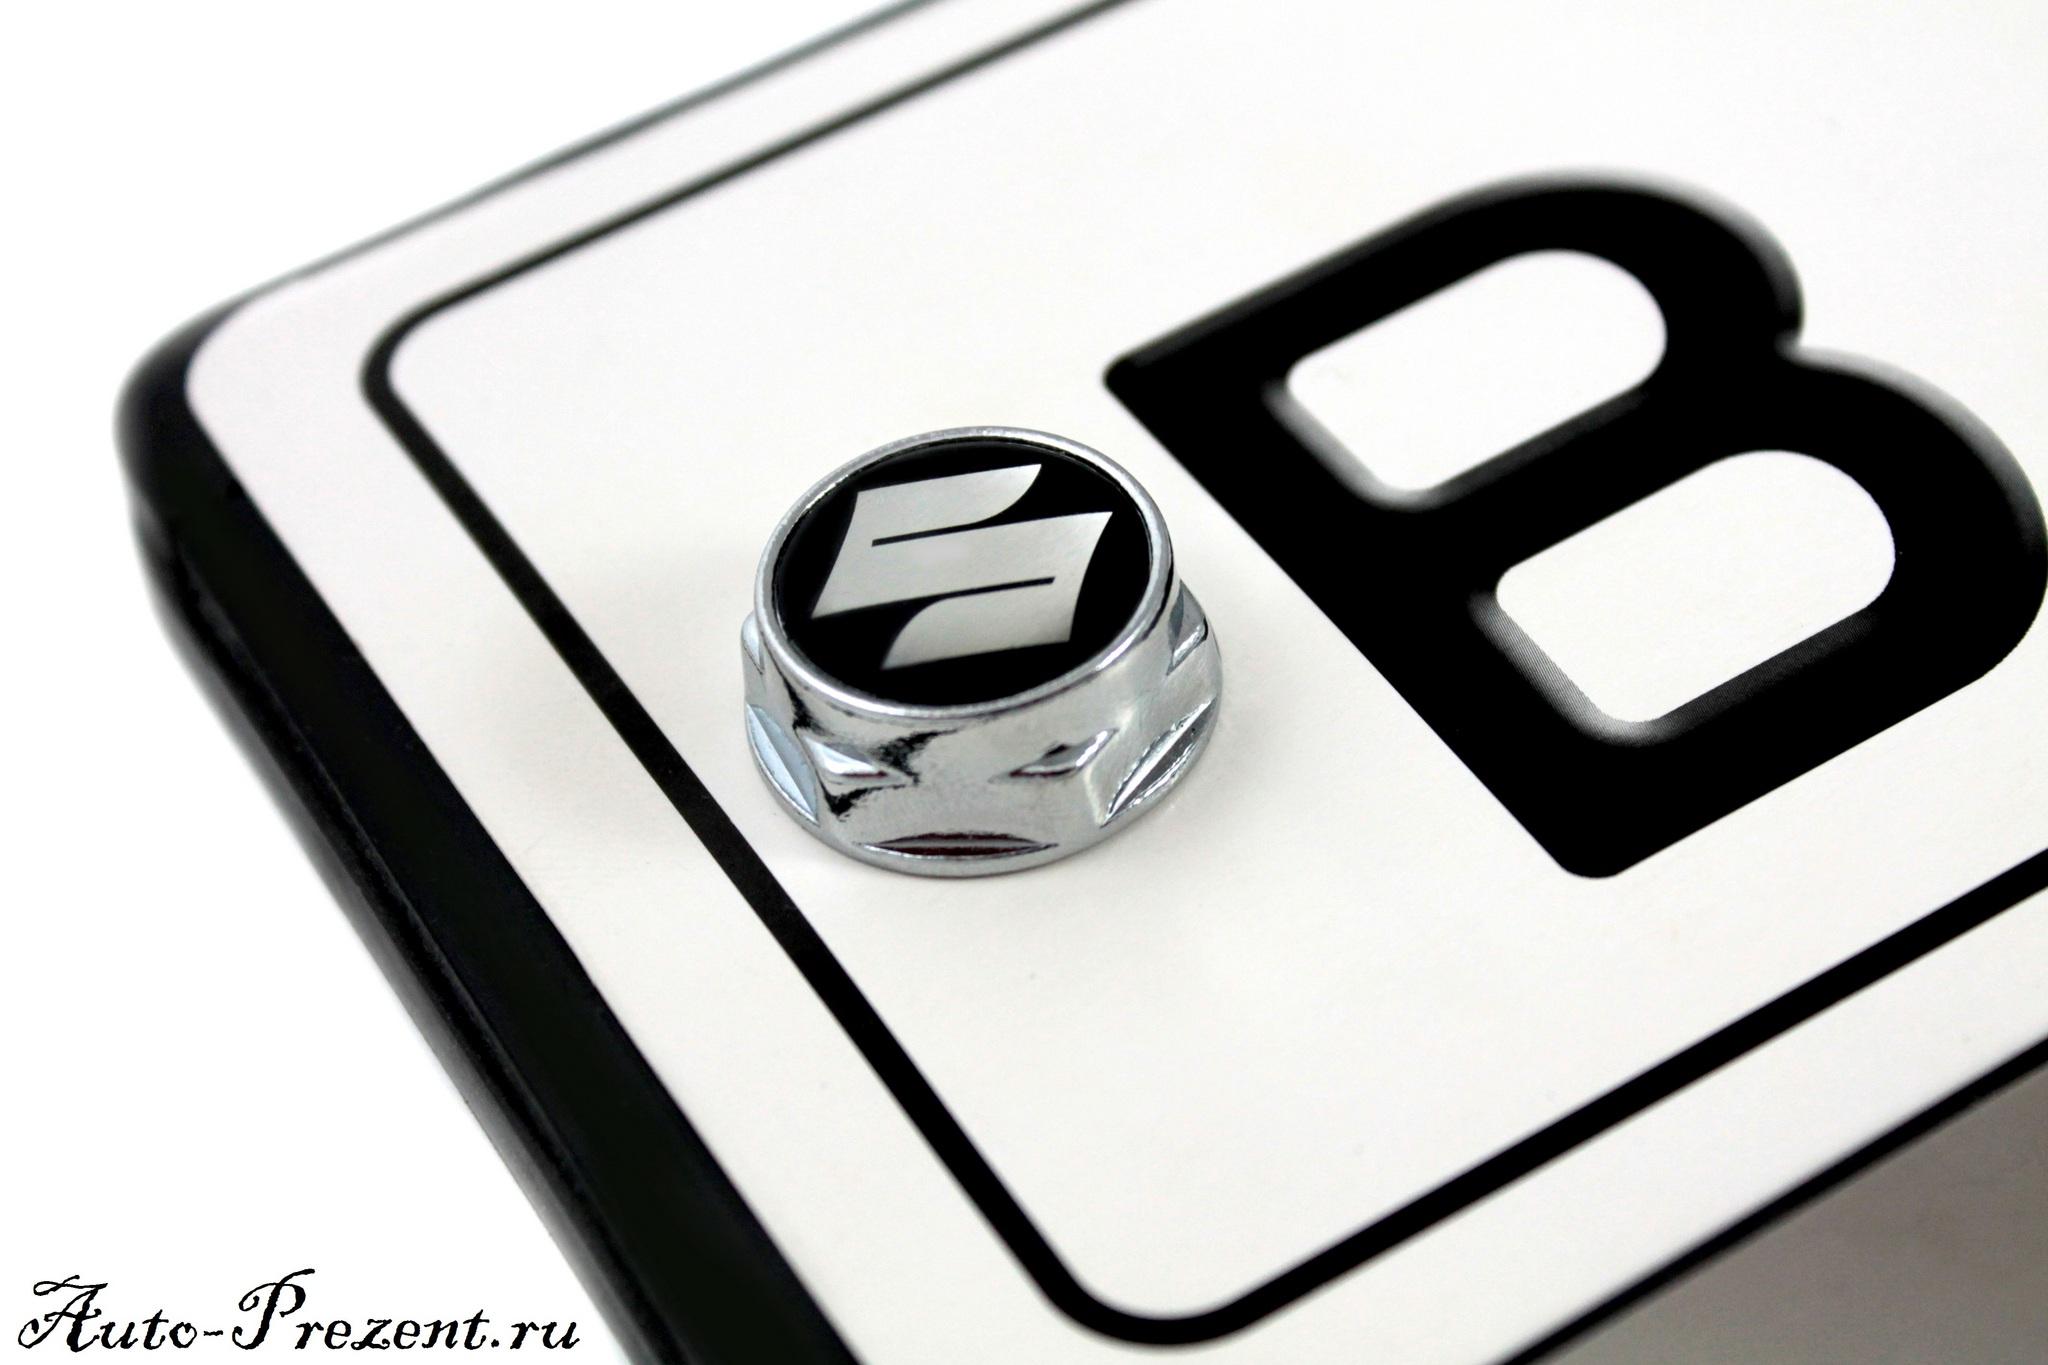 Болты для крепления госномера с логотипом SUZUKI